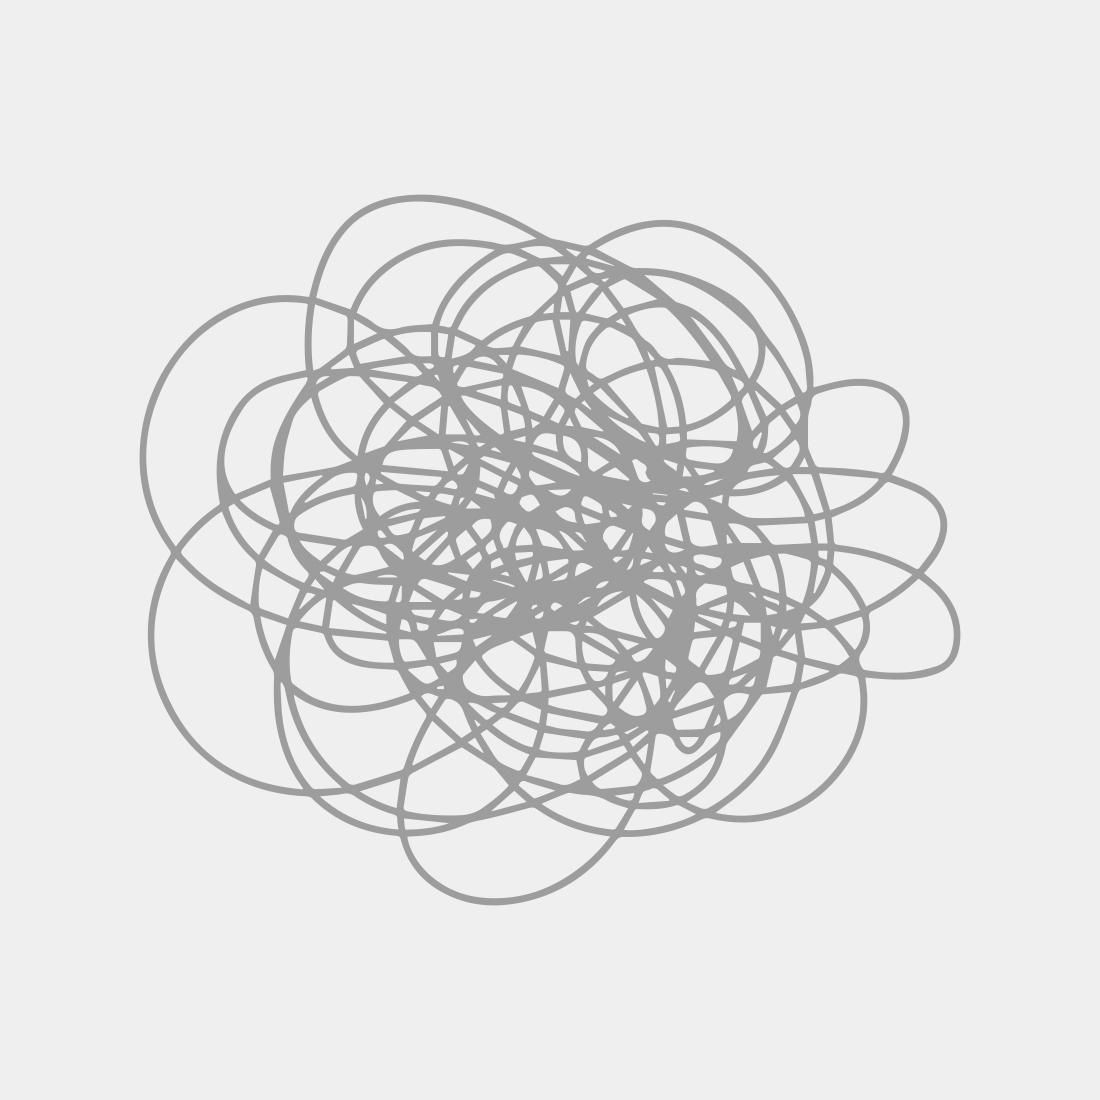 Wabi-Sabi Further Thoughts